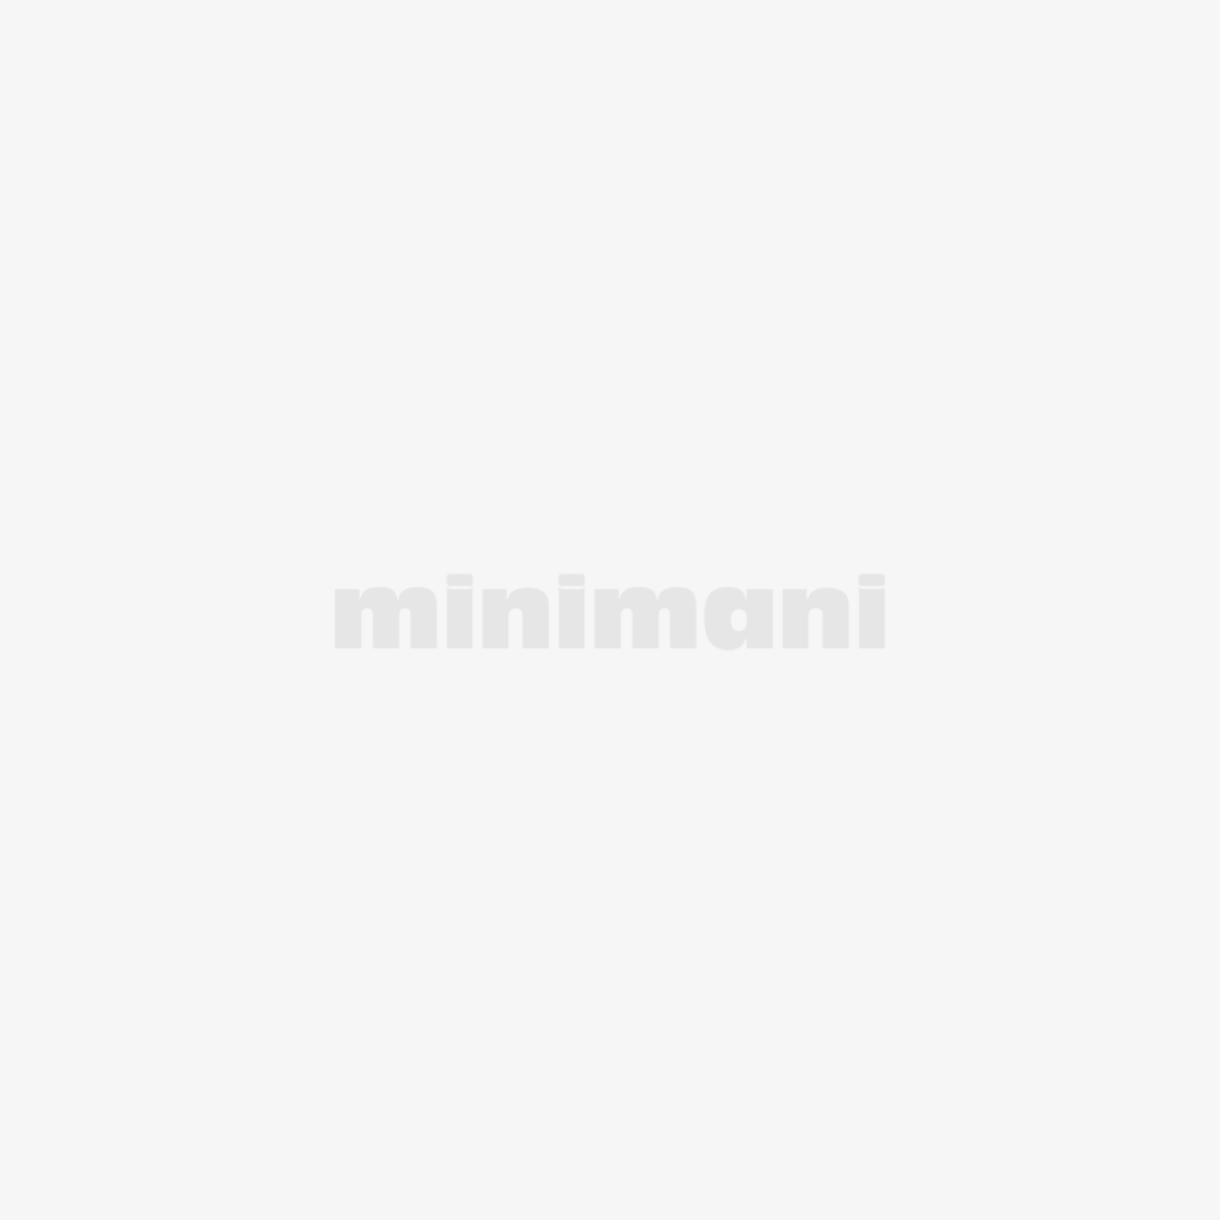 Finlayson käsipyyhe 30x50cm, Muumimamma punainen